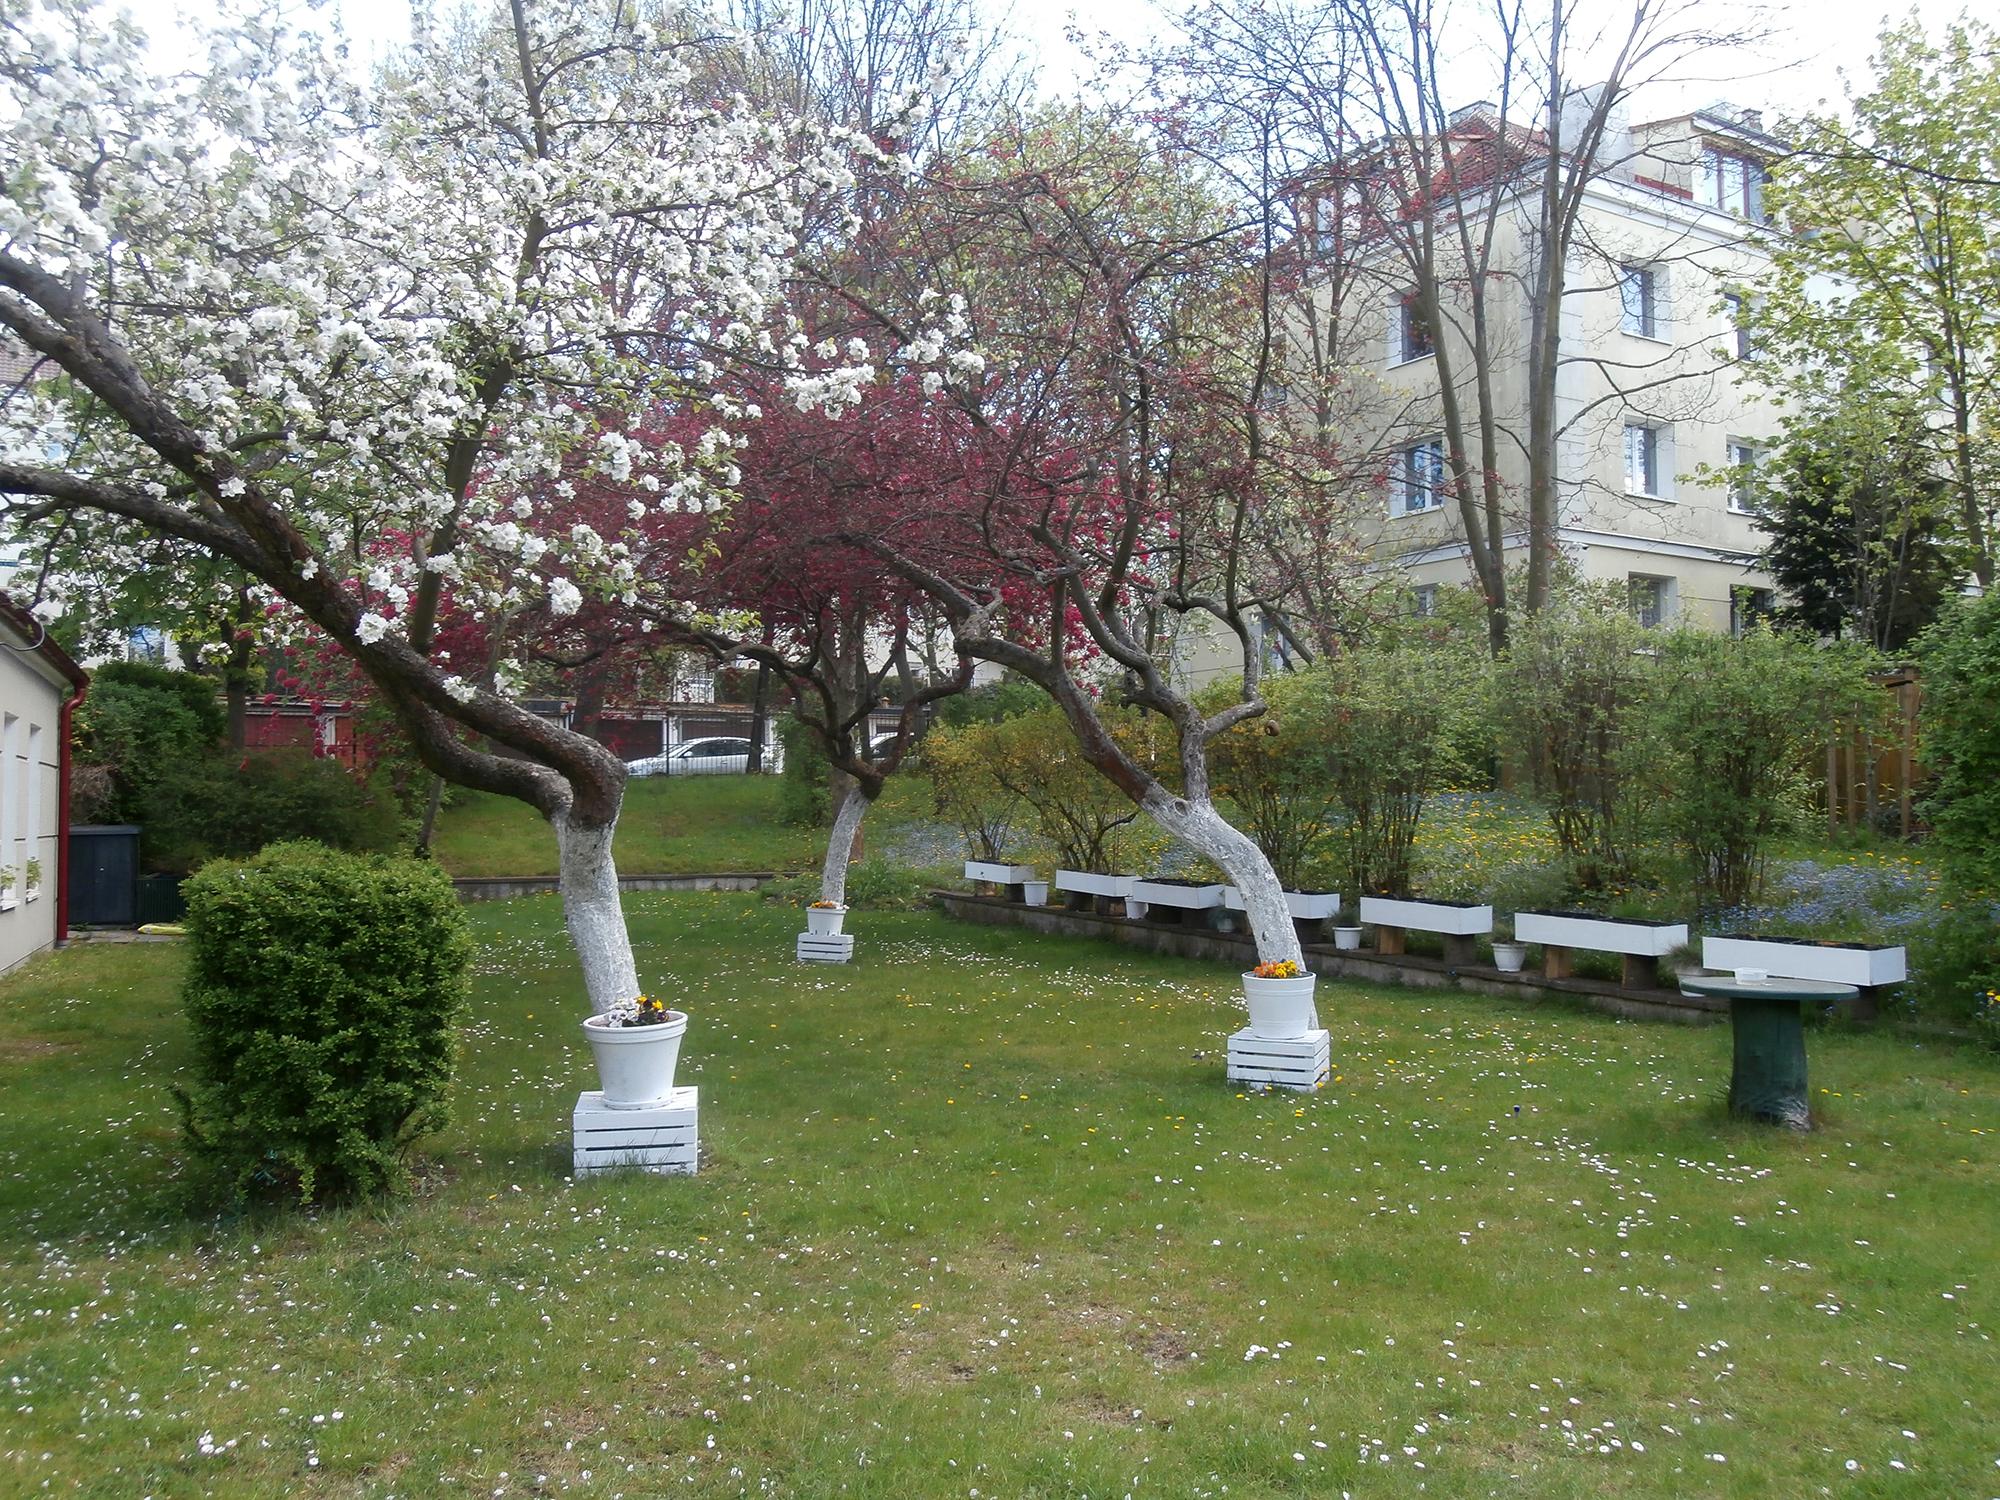 Ogród przy Dziennym Domu Pomocy Społecznej, w którym przeważają drzewa owocowe, niezapominajki i piwonie